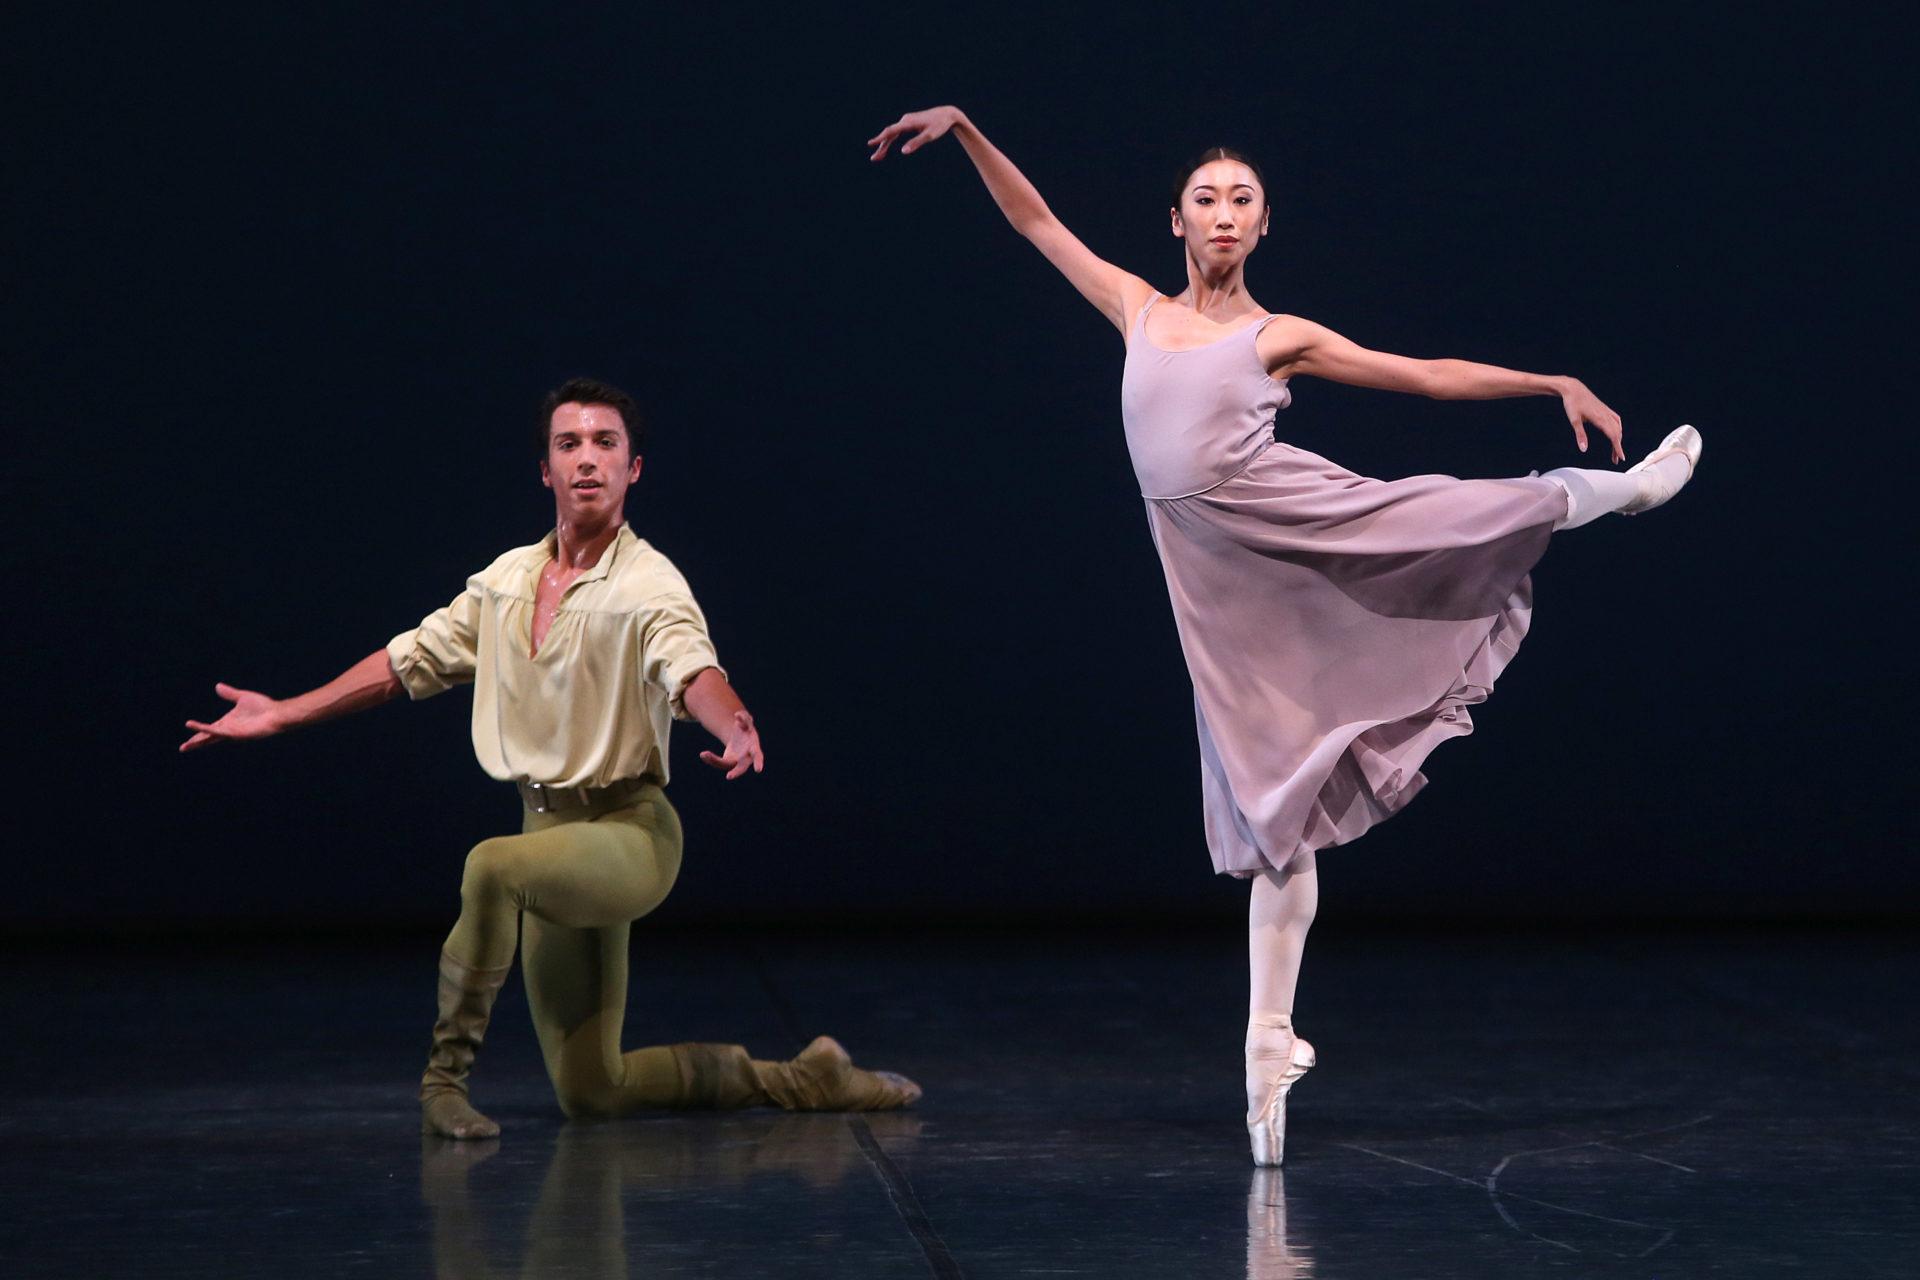 Chopin_Dances_HH_Ballett_Foto_AnjaBeutler.de_102_2